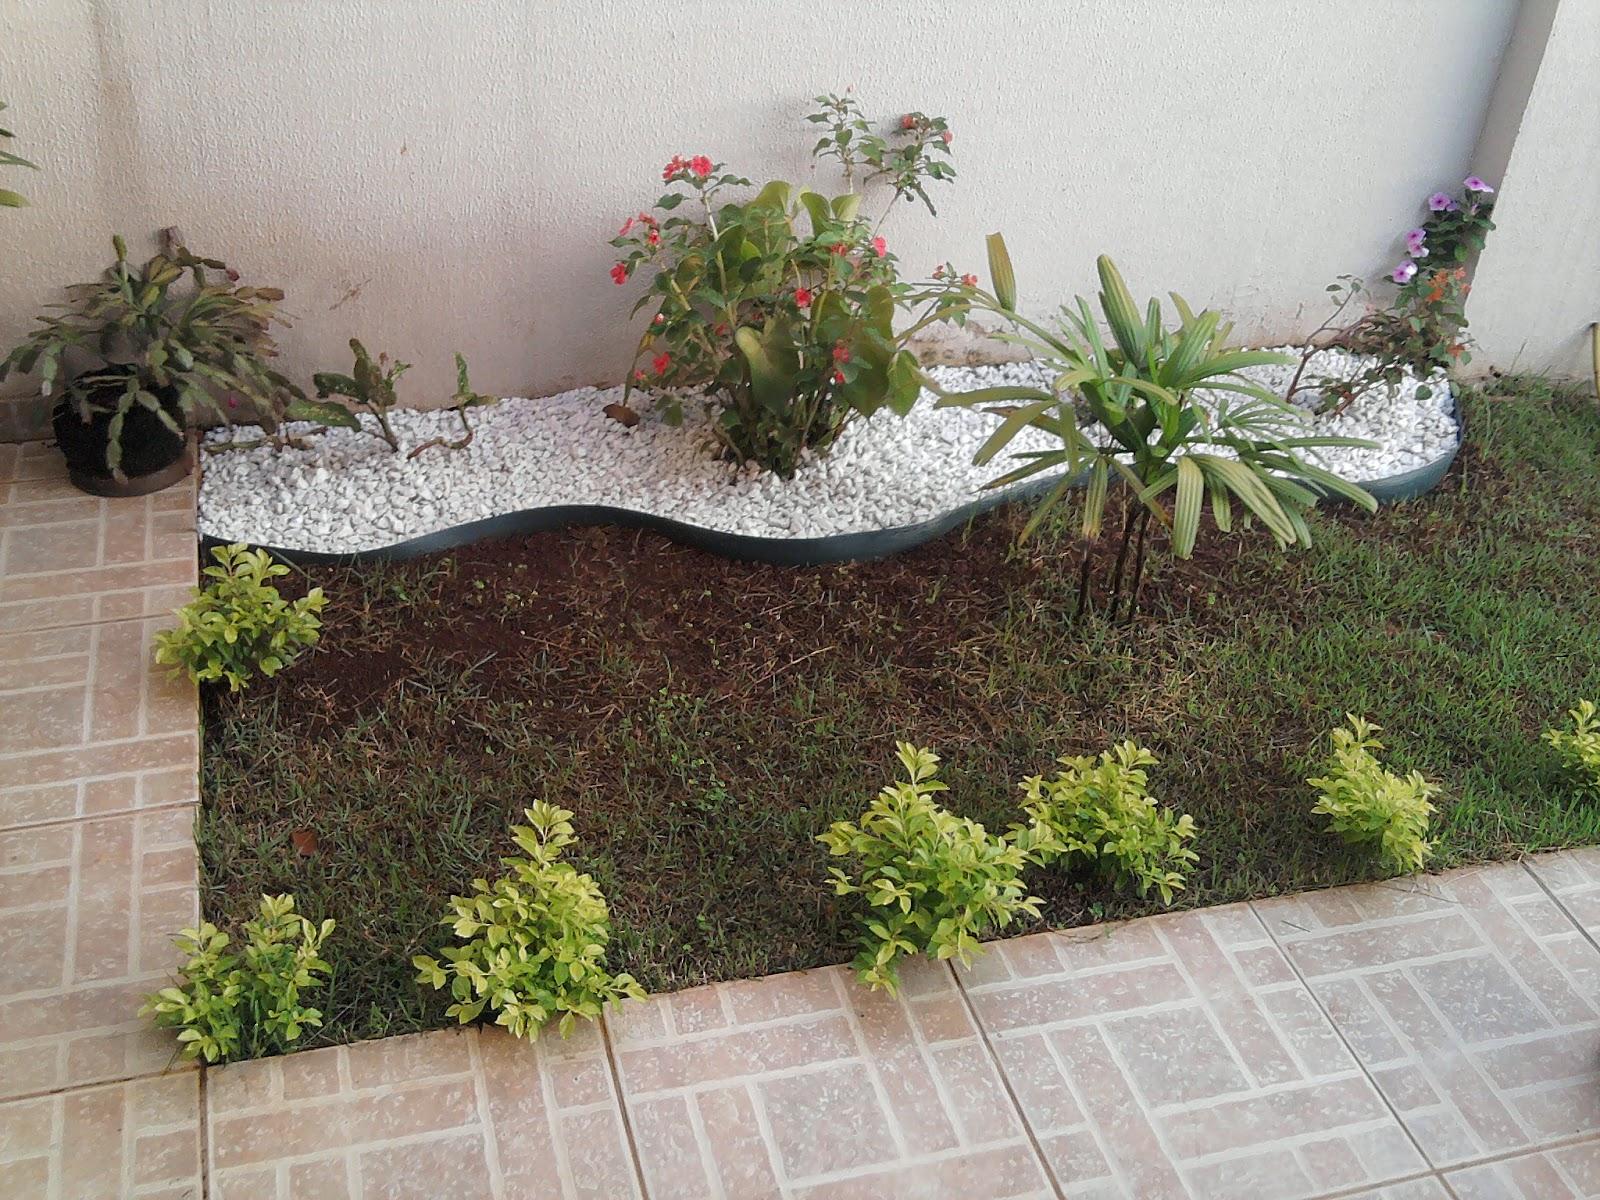 #6E713E Mais que Am lias Como fazer um jardim em sua casa 1600x1200 px jardim de inverno no banheiro como fazer